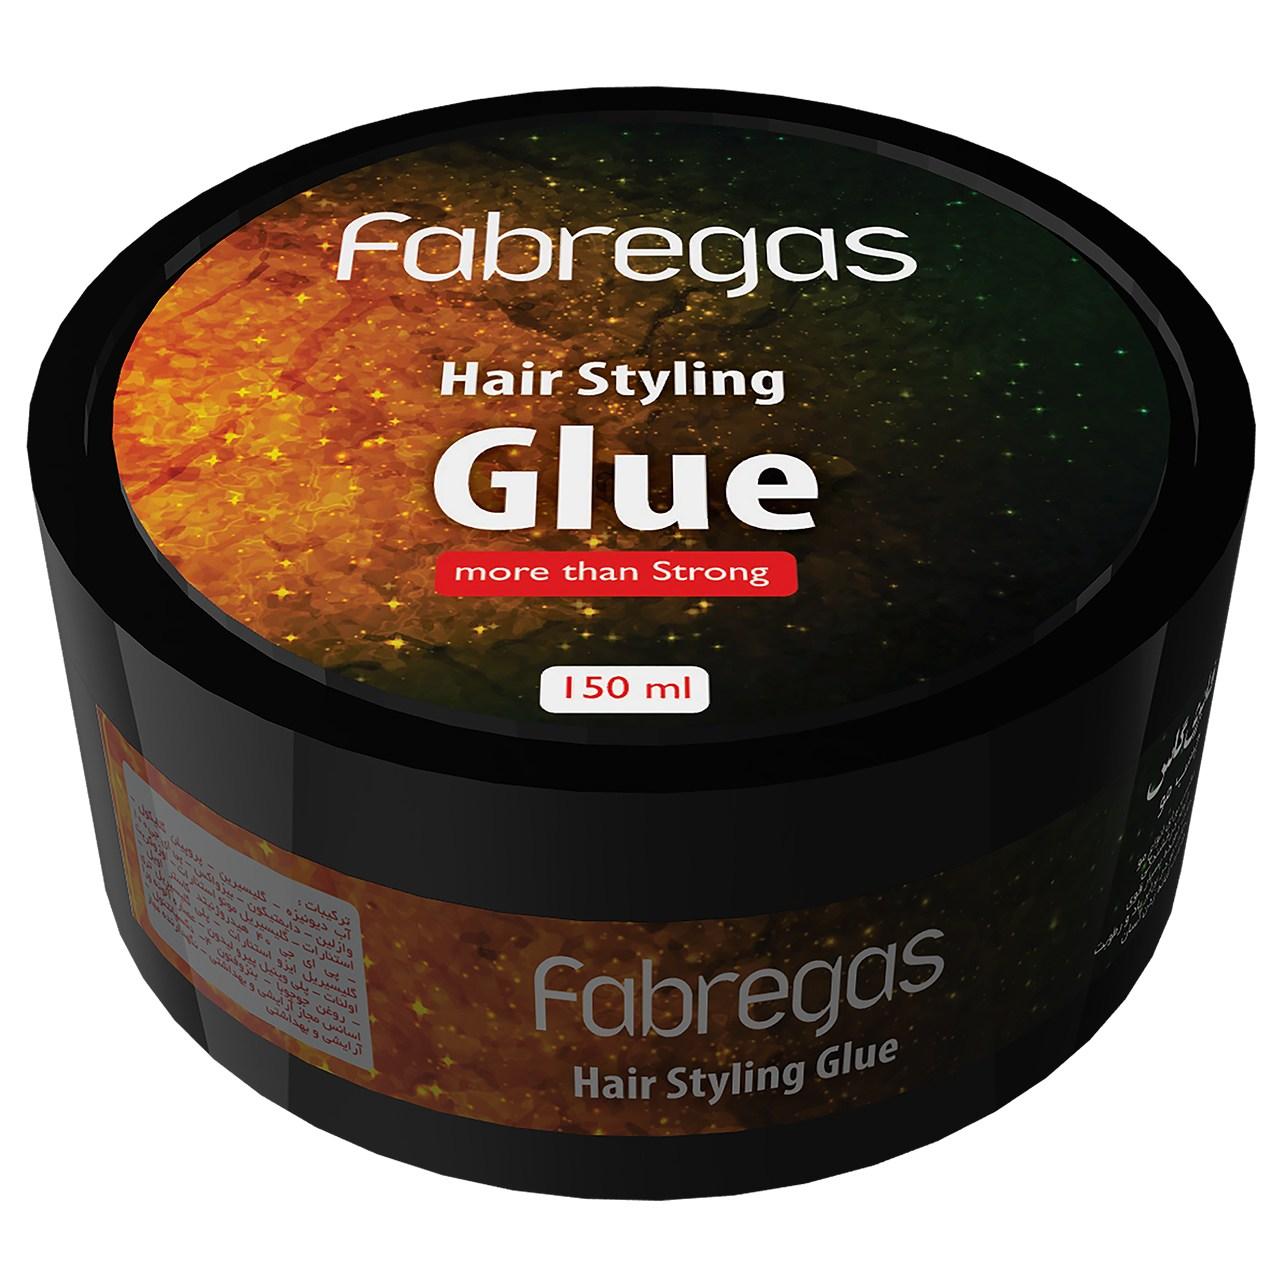 چسب مو حالت دهنده فابریگاس حجم 150 میلی لیتر